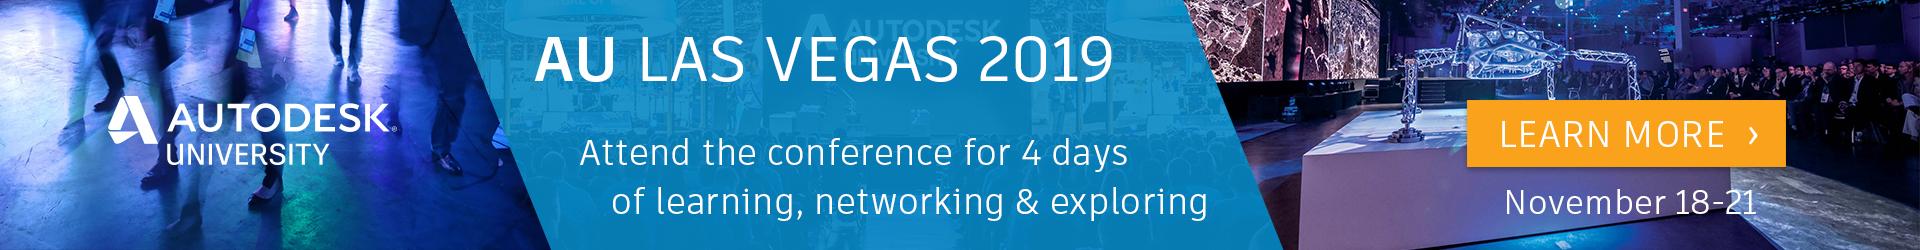 Registration for AU Las Vegas 2019 is open